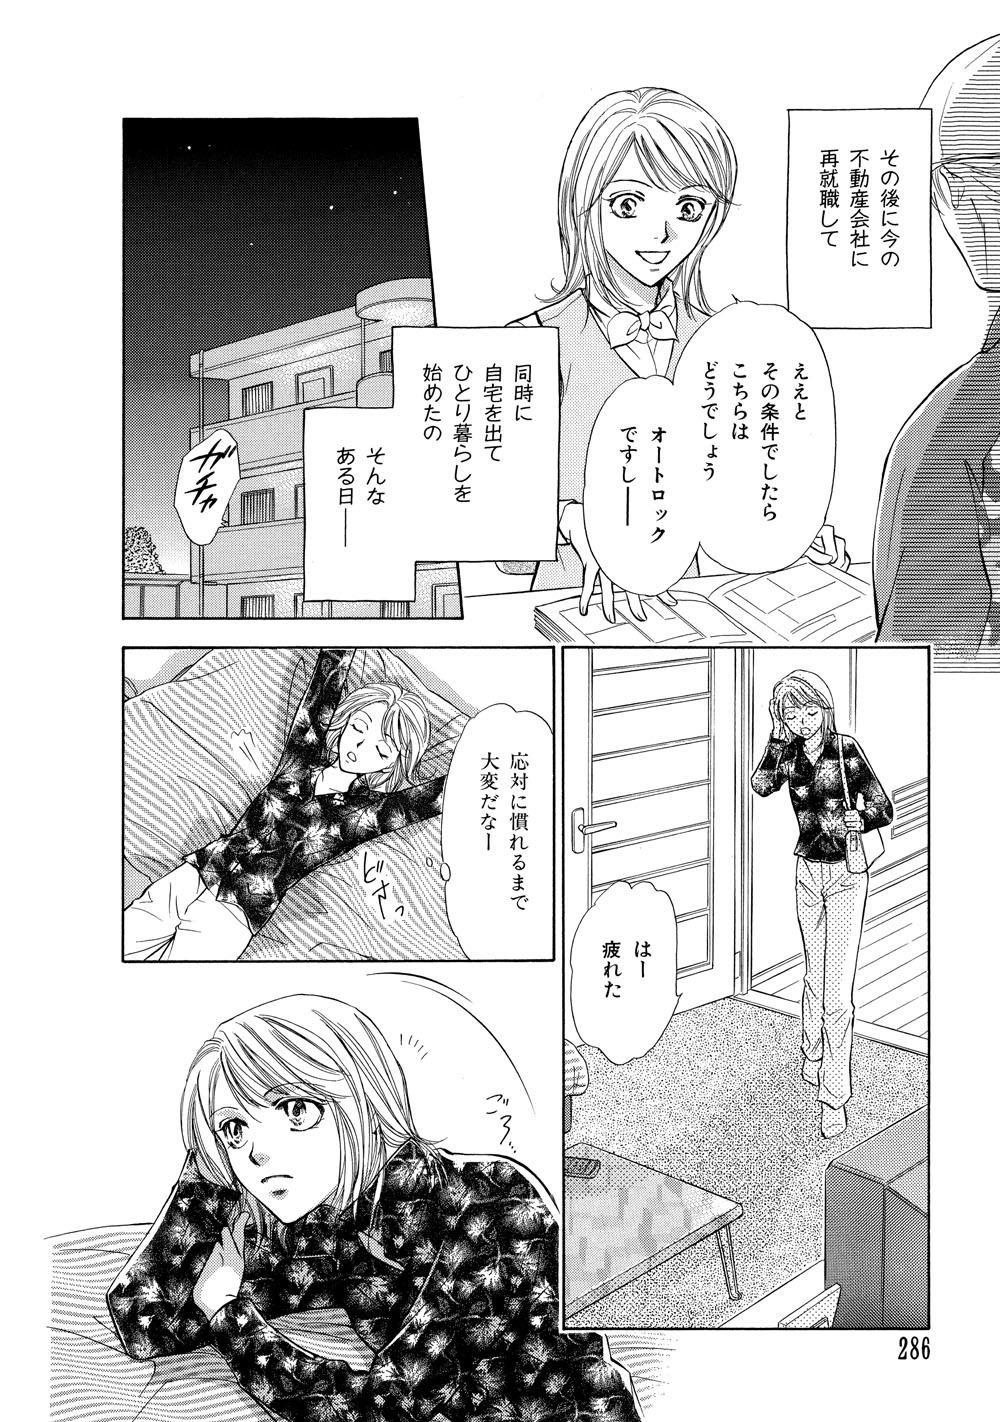 テレビ版_ほん怖_286.jpg